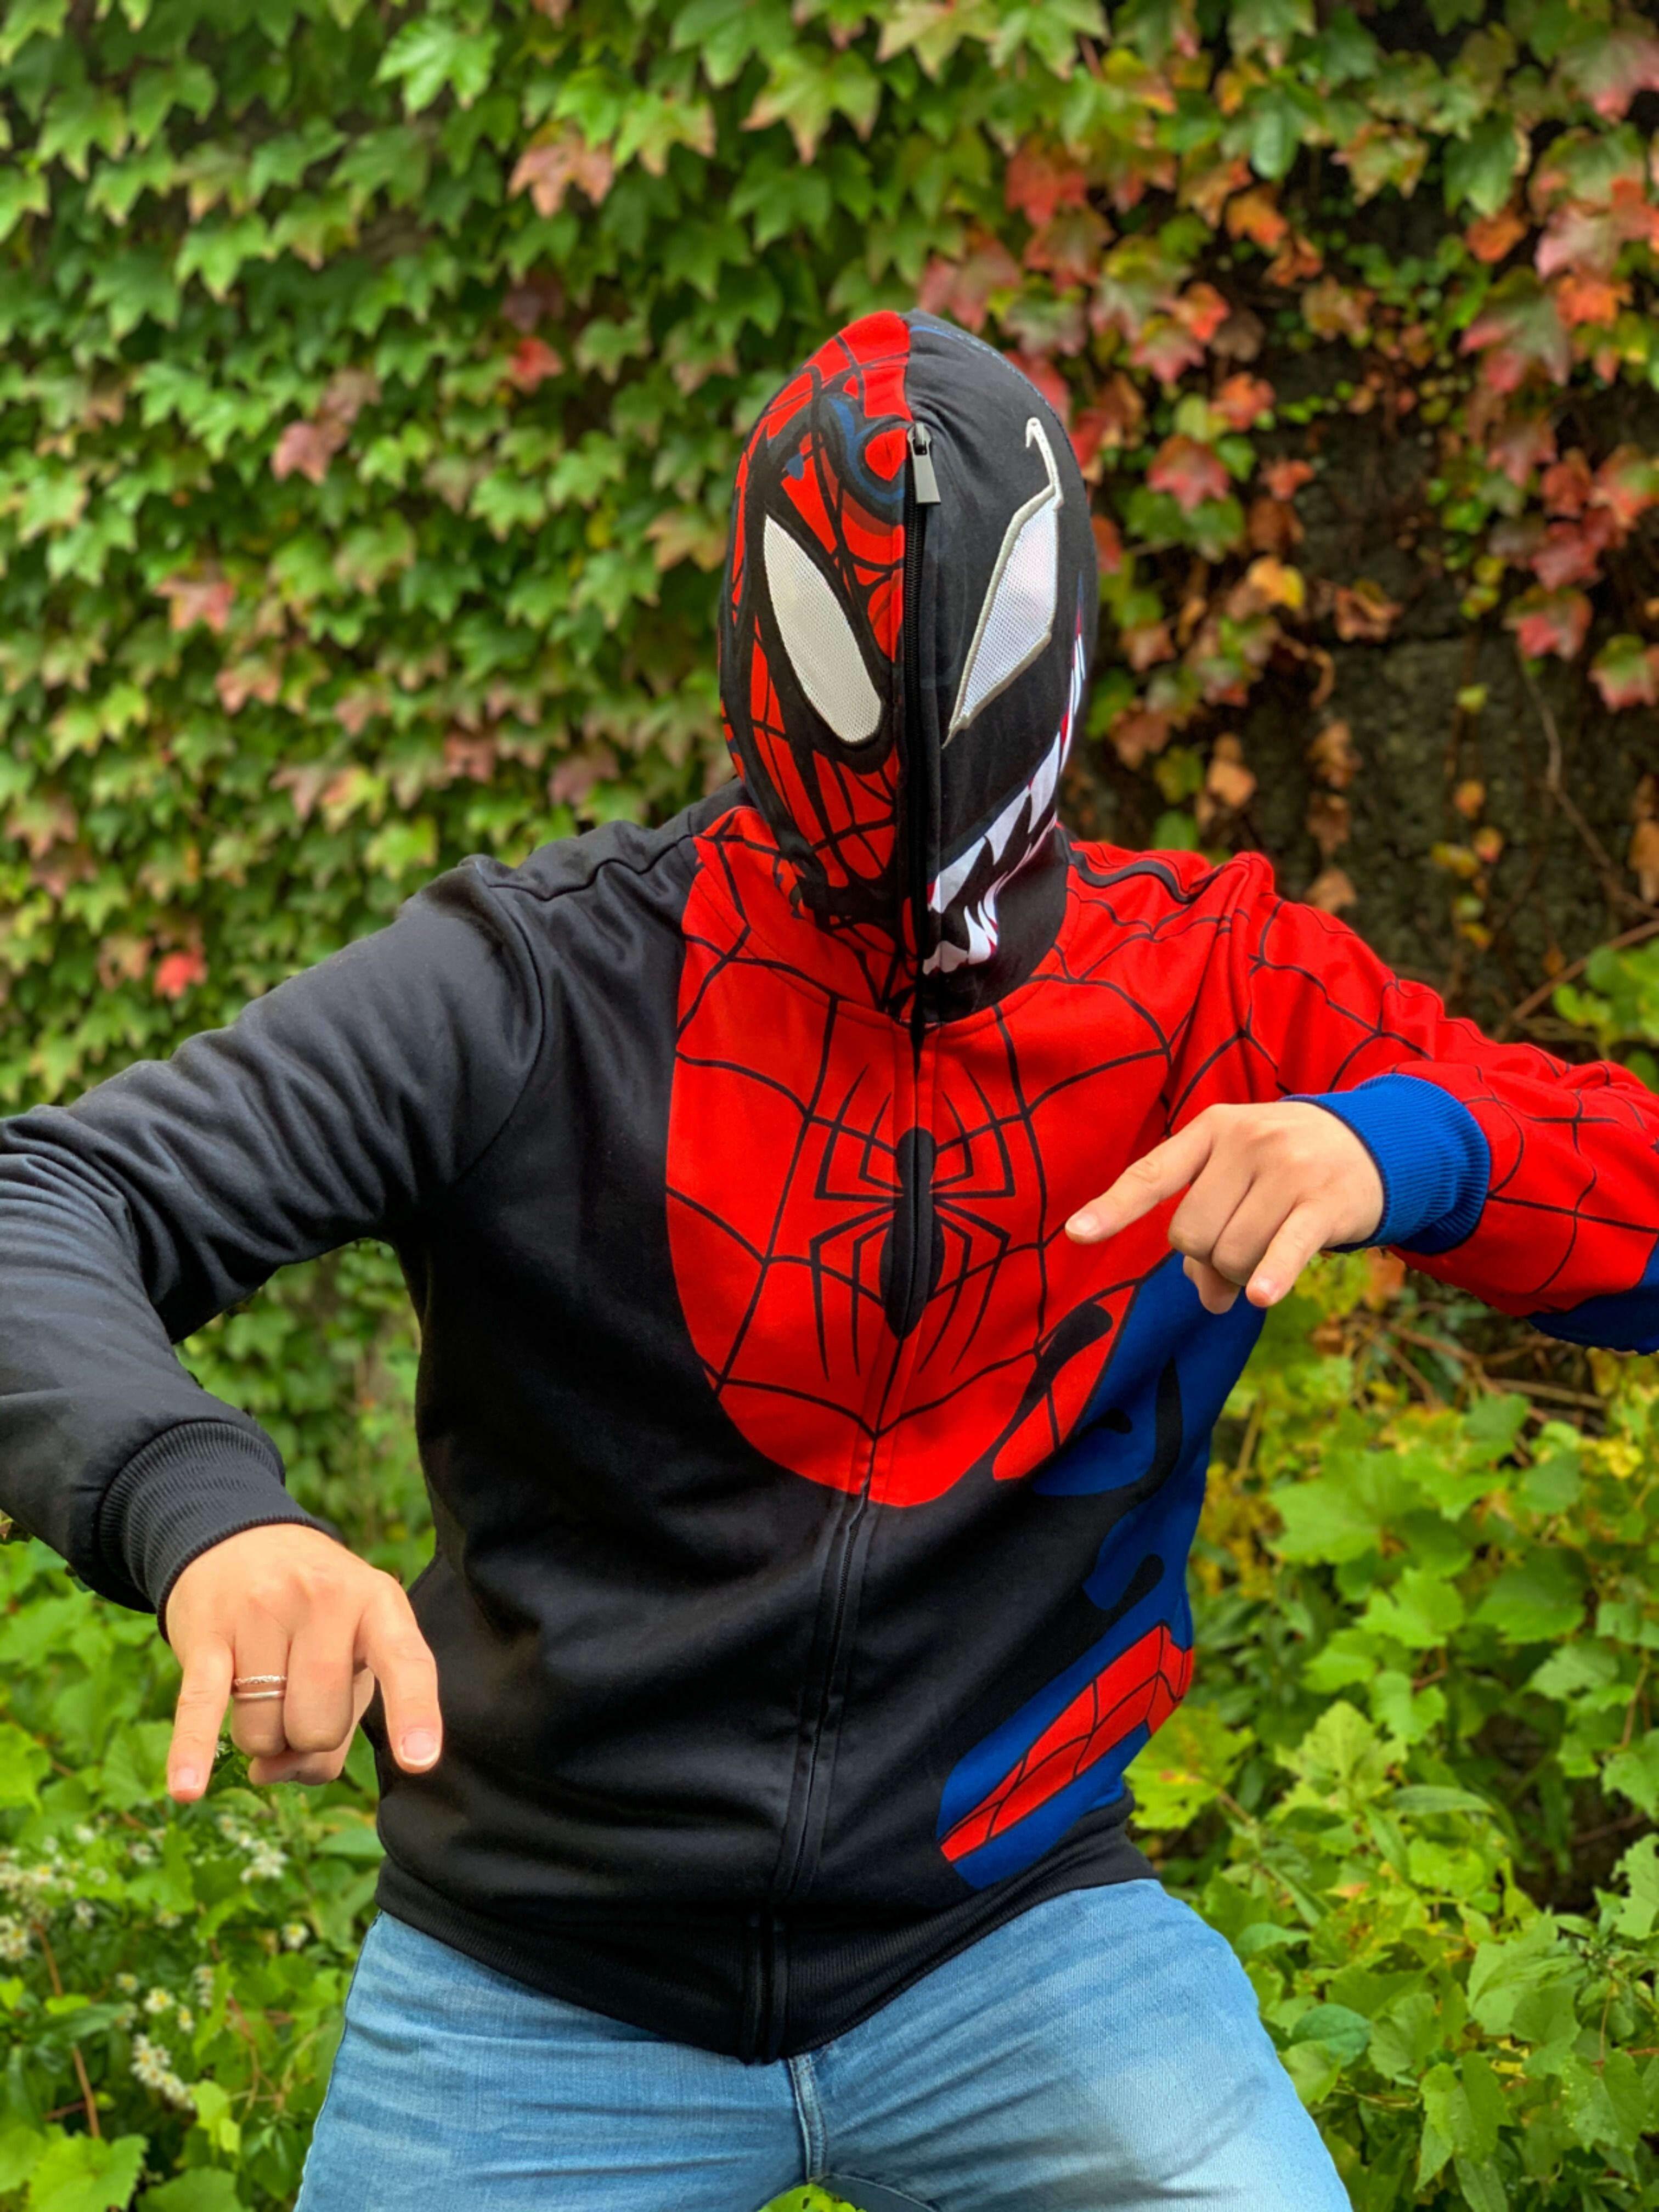 Spider Man Venom Cosplay Hoodie Black S Fye Spiderman Hoodies Black Hoodie [ 4032 x 3024 Pixel ]